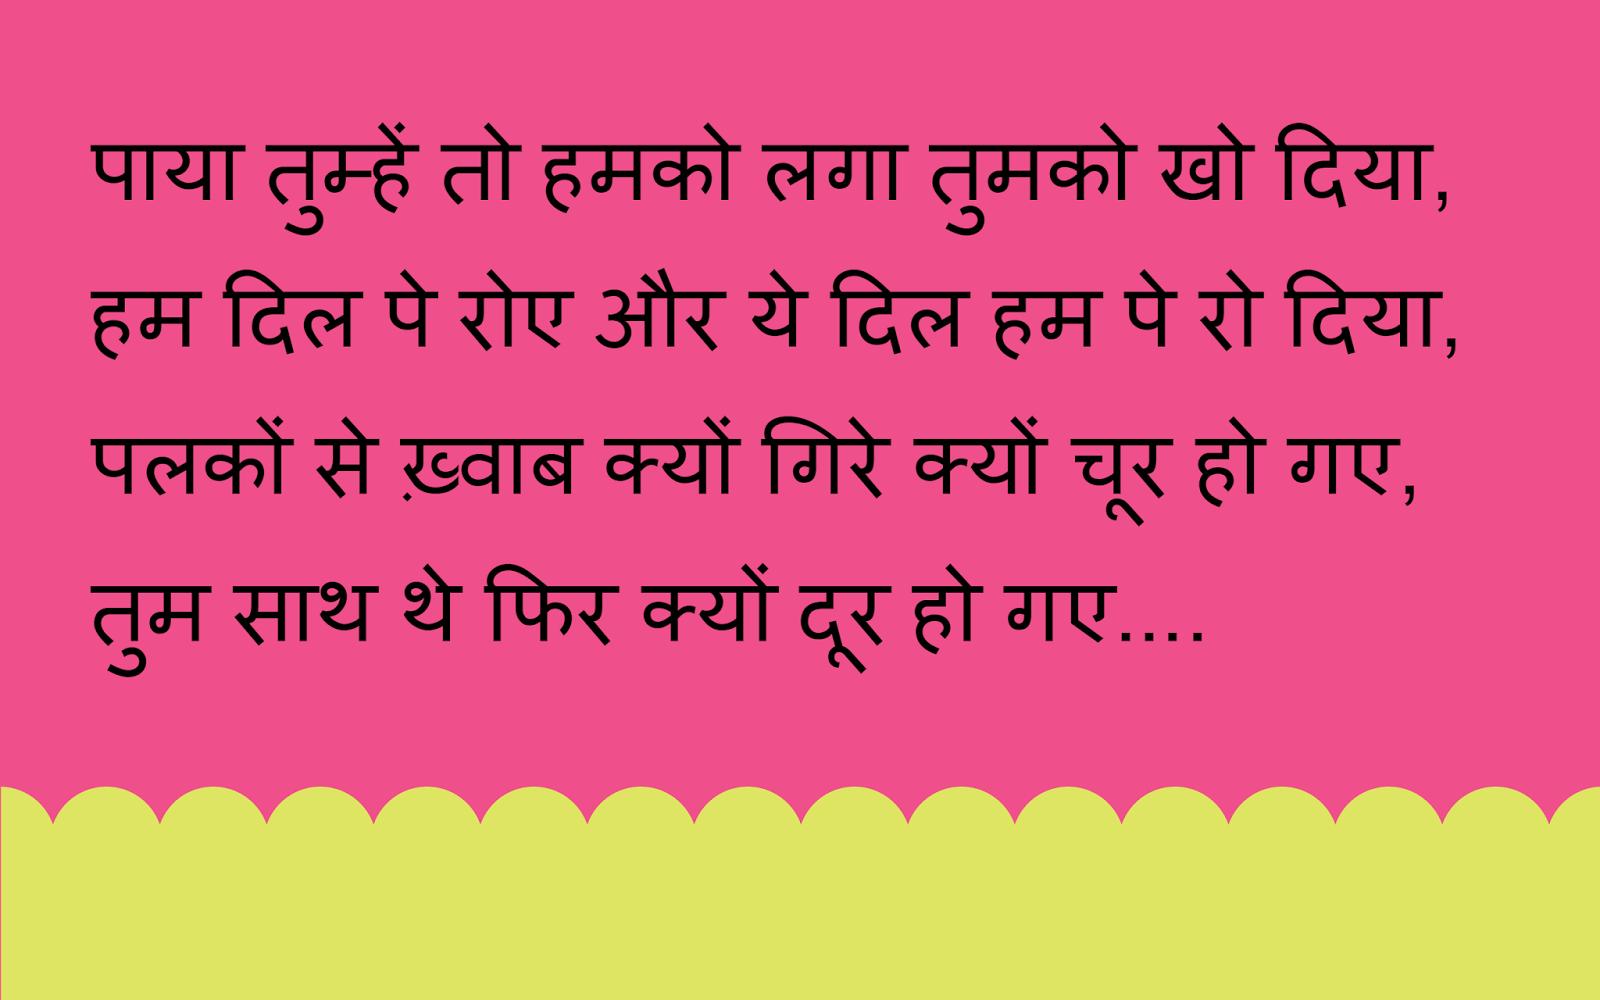 love shayari hindi pyaar dosti shayari in hindi 2017 latest